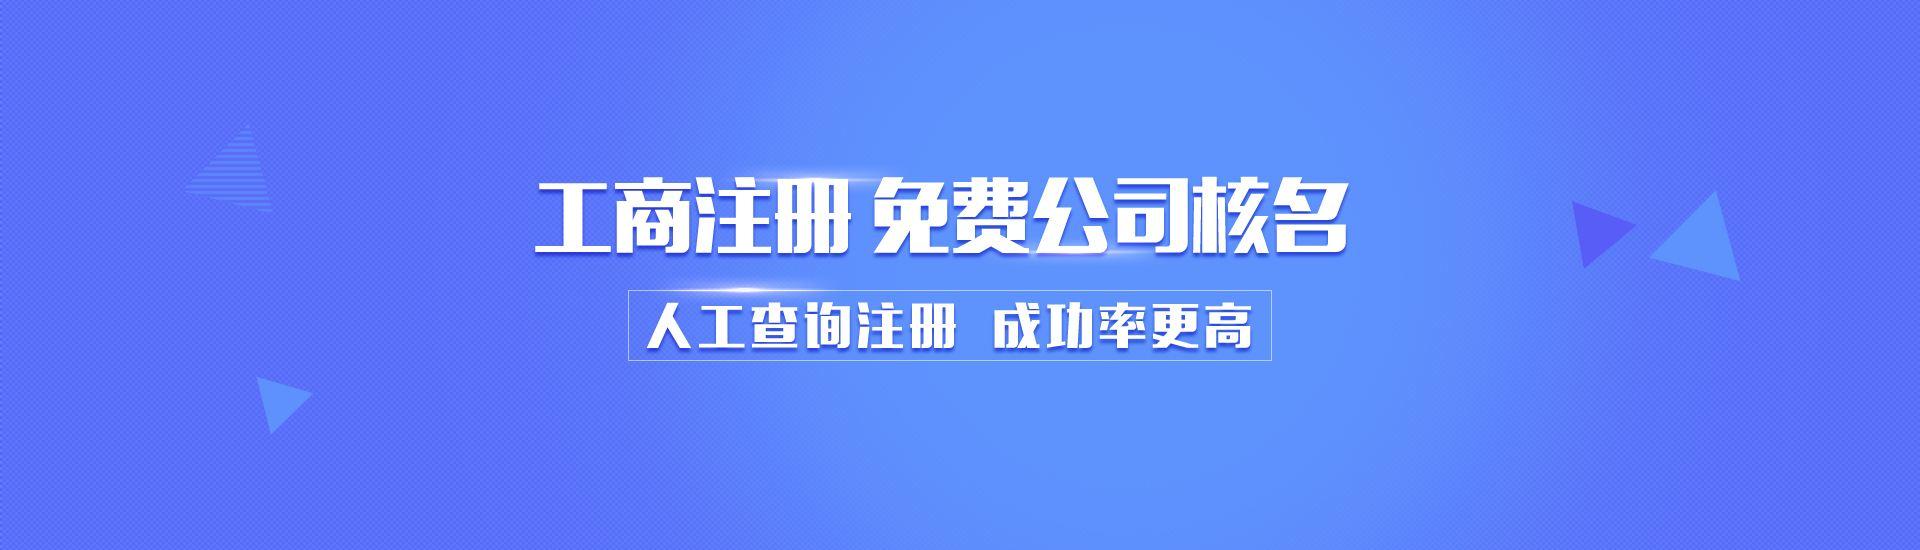 西安代账公司 铸造辉煌 西安通税财务咨询供应